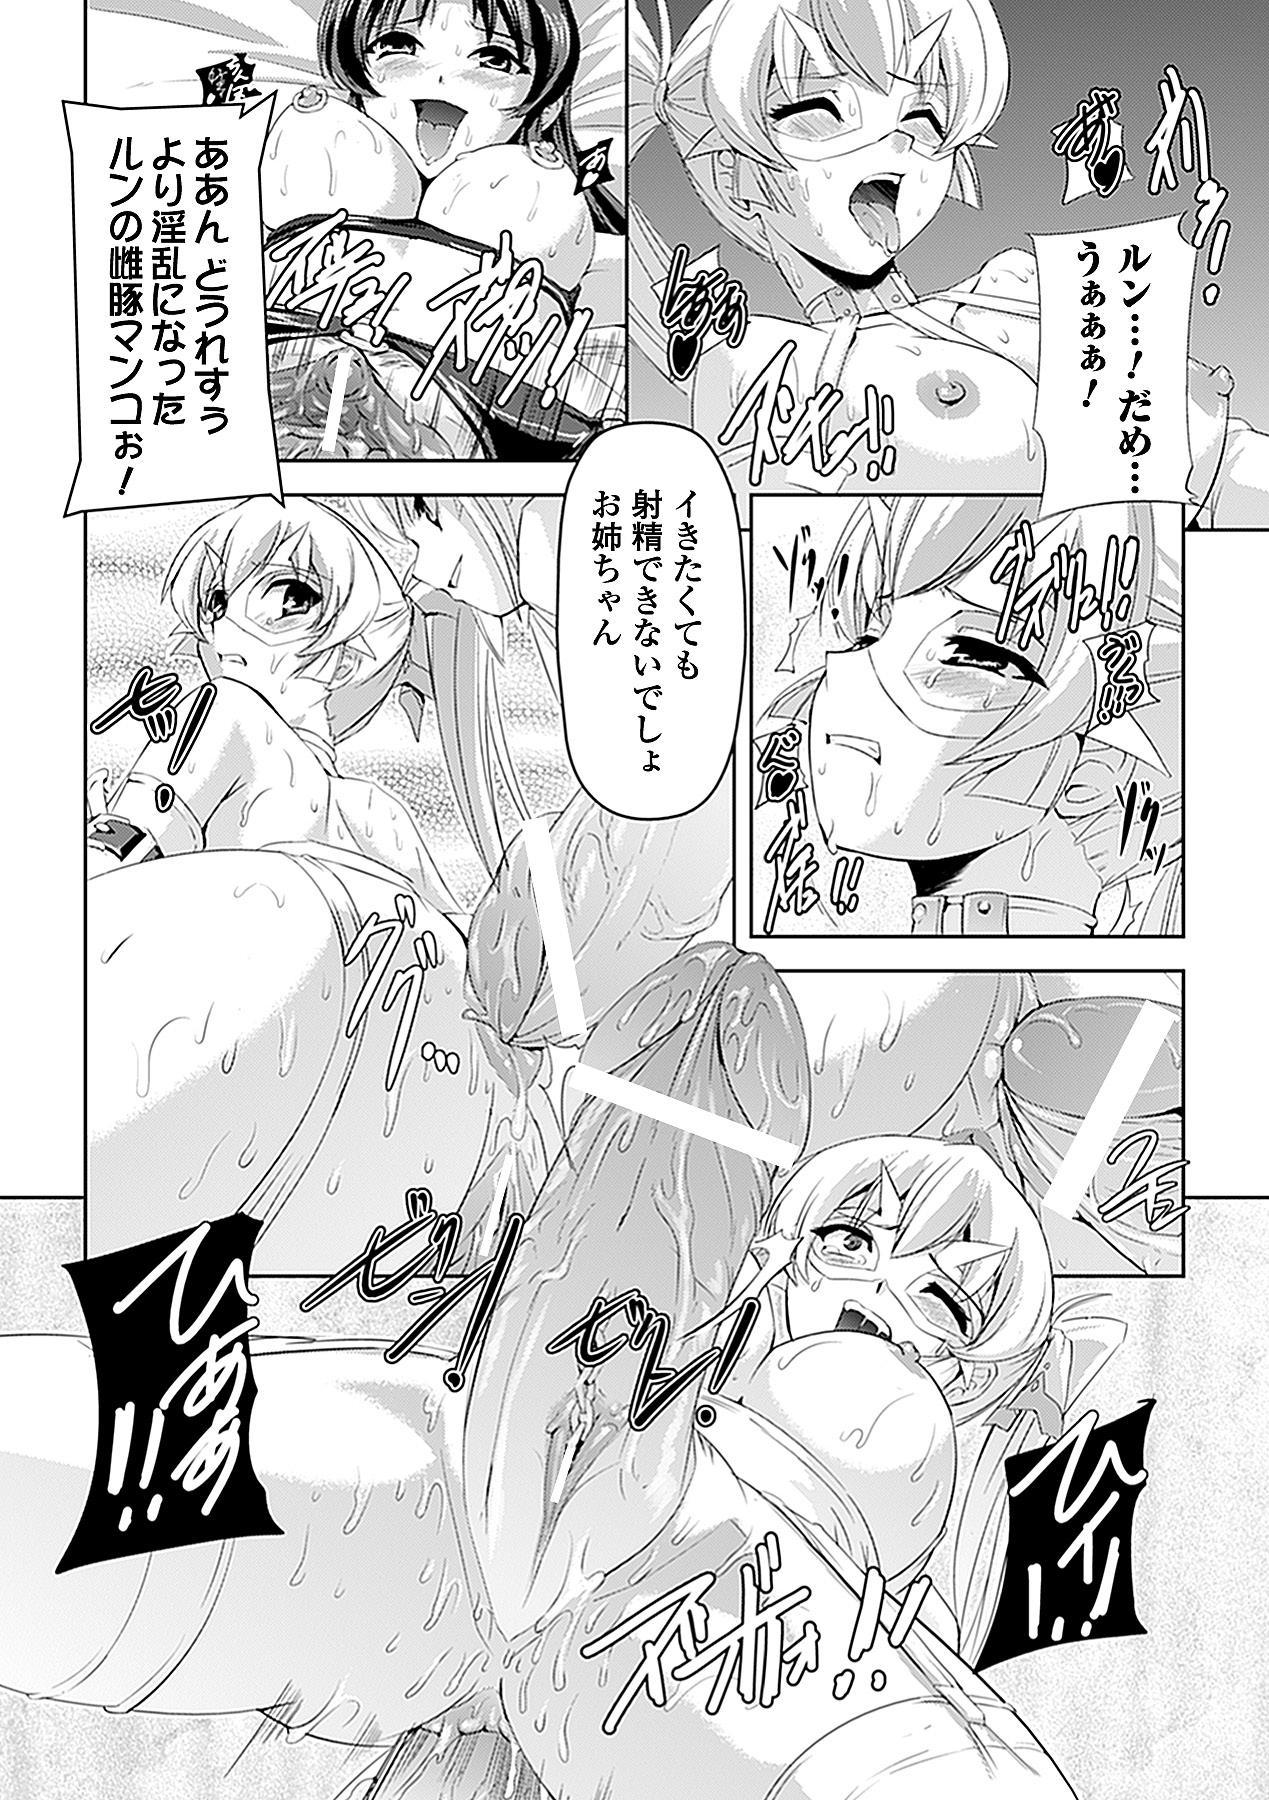 Shirayuri no Kenshi 57